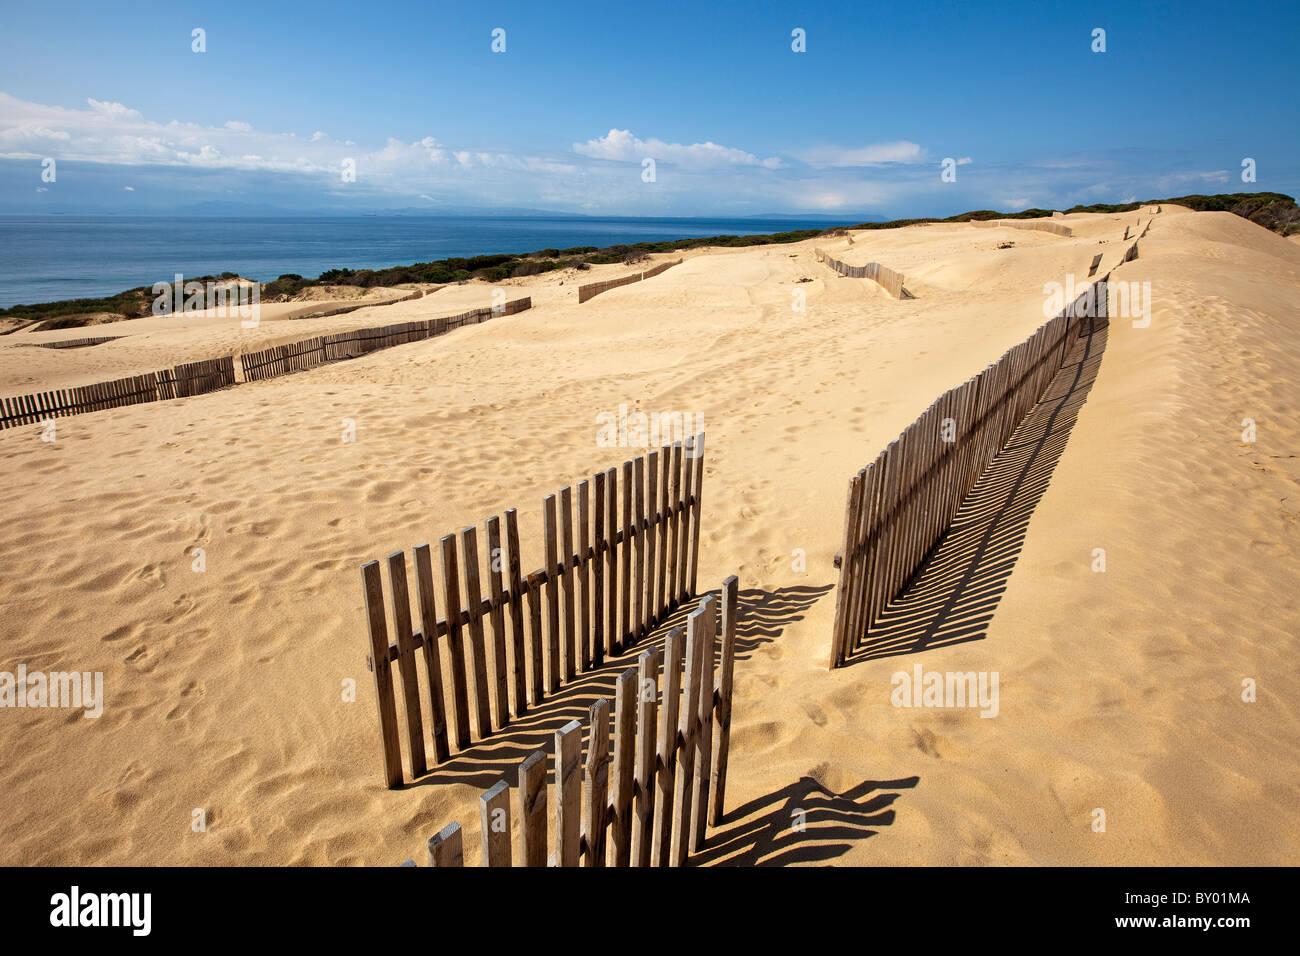 Dunas Playa Punta Paloma Tarifa Cádiz Andalucía España Dunes Beach Punta Paloma Spain Andalucía - Stock Image